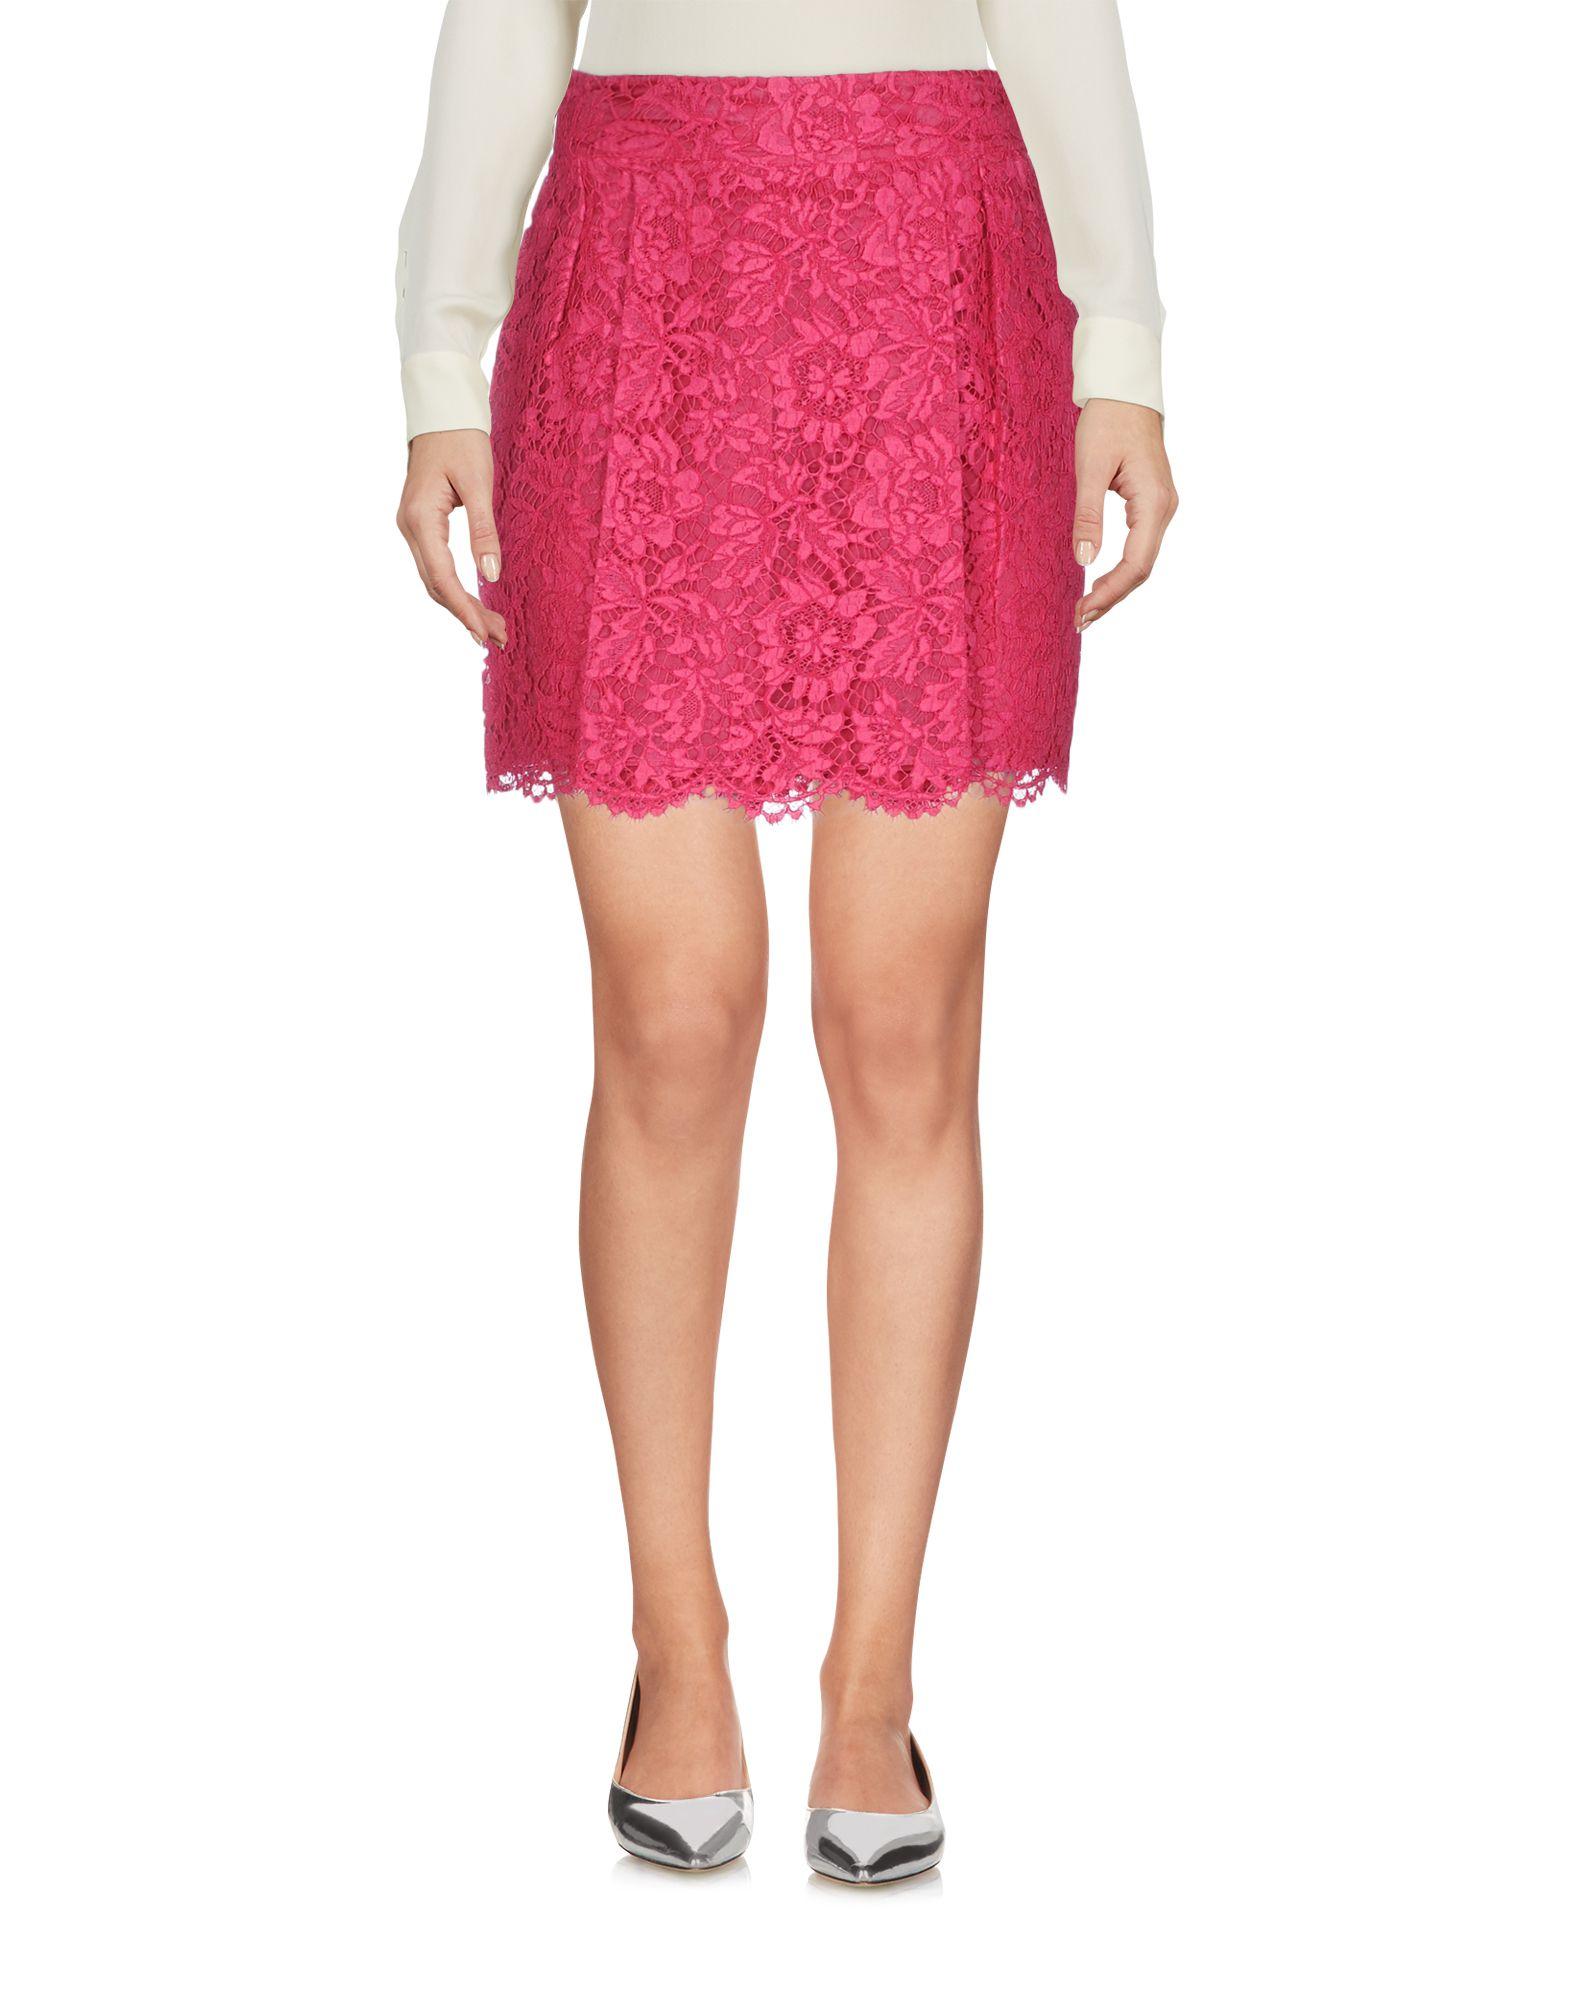 Minigonna Valentino Donna - Acquista online su ICRHS